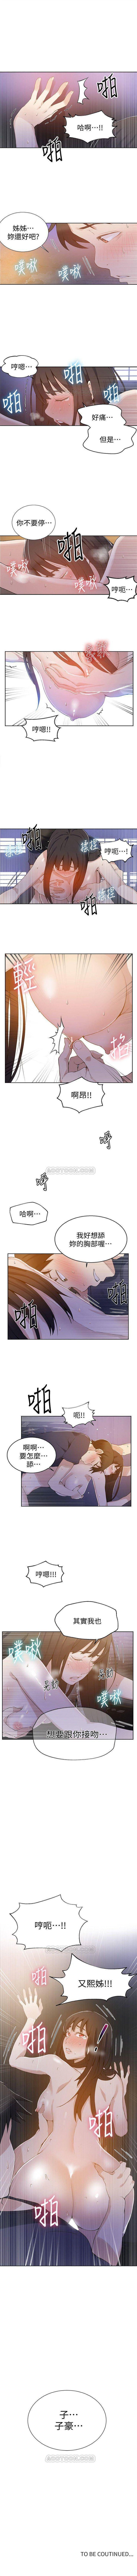 (週6)秘密教學  1-35 中文翻譯 (更新中) 186